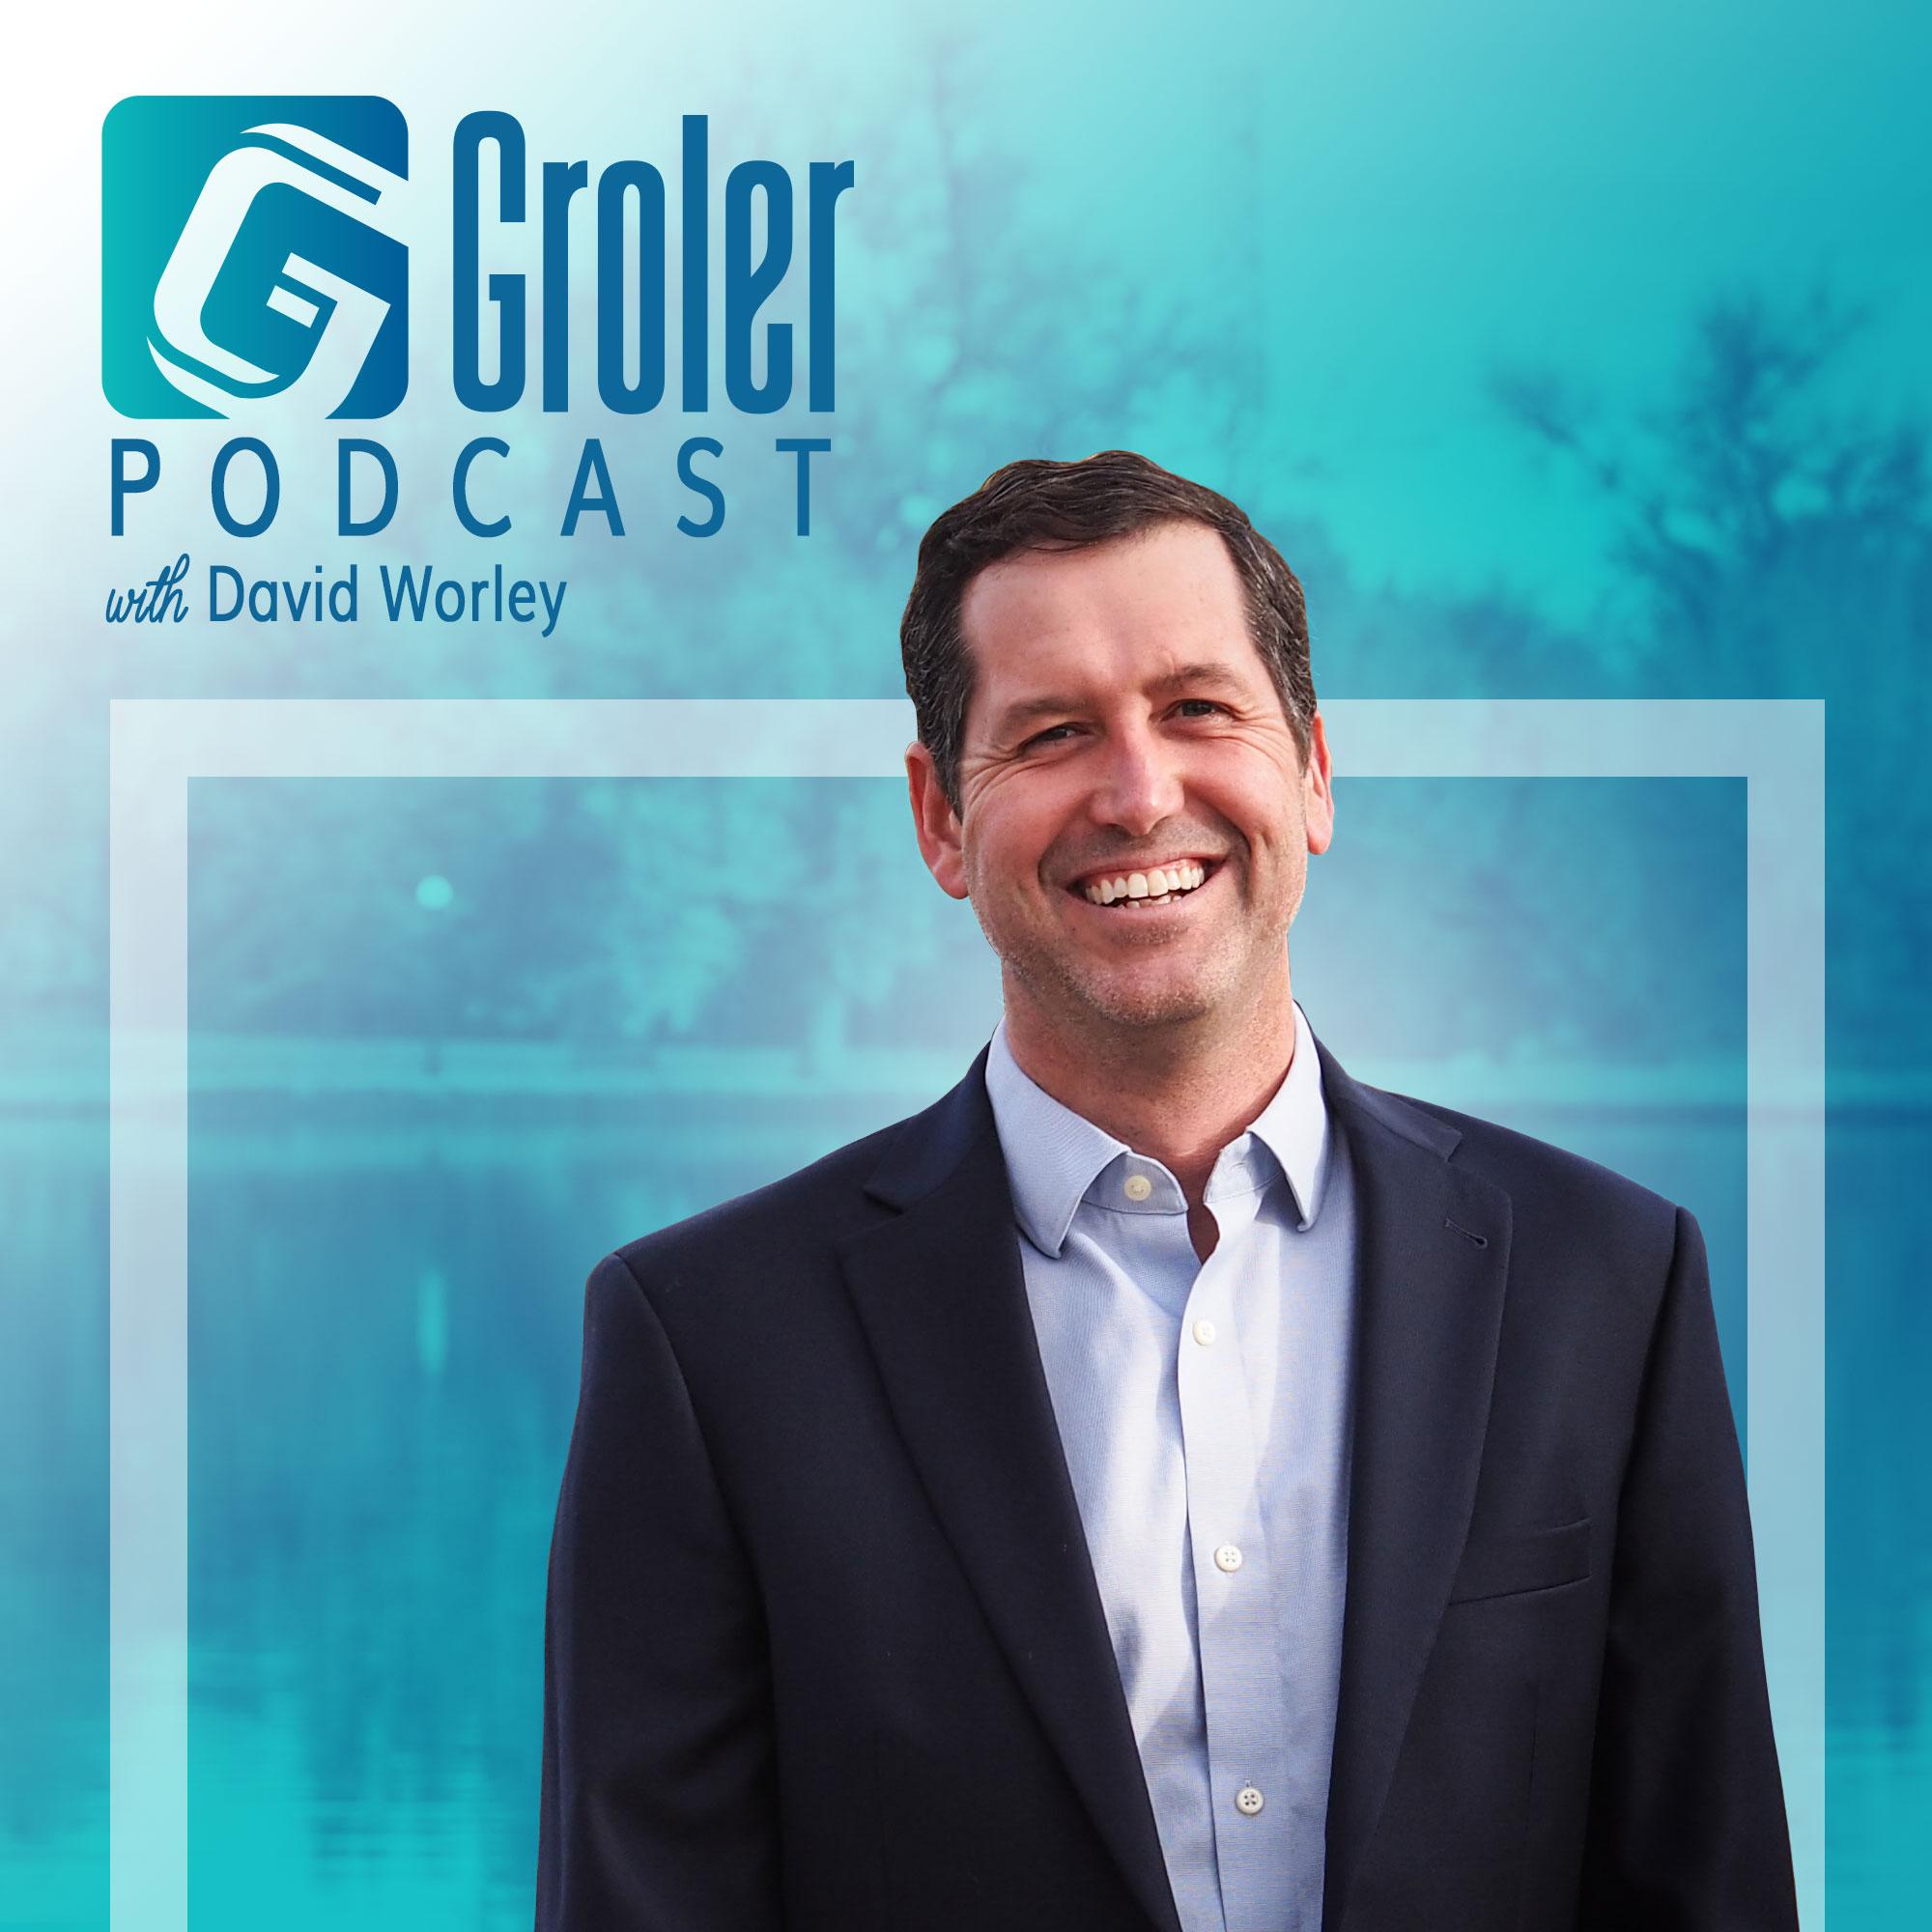 Groler Podcast show art